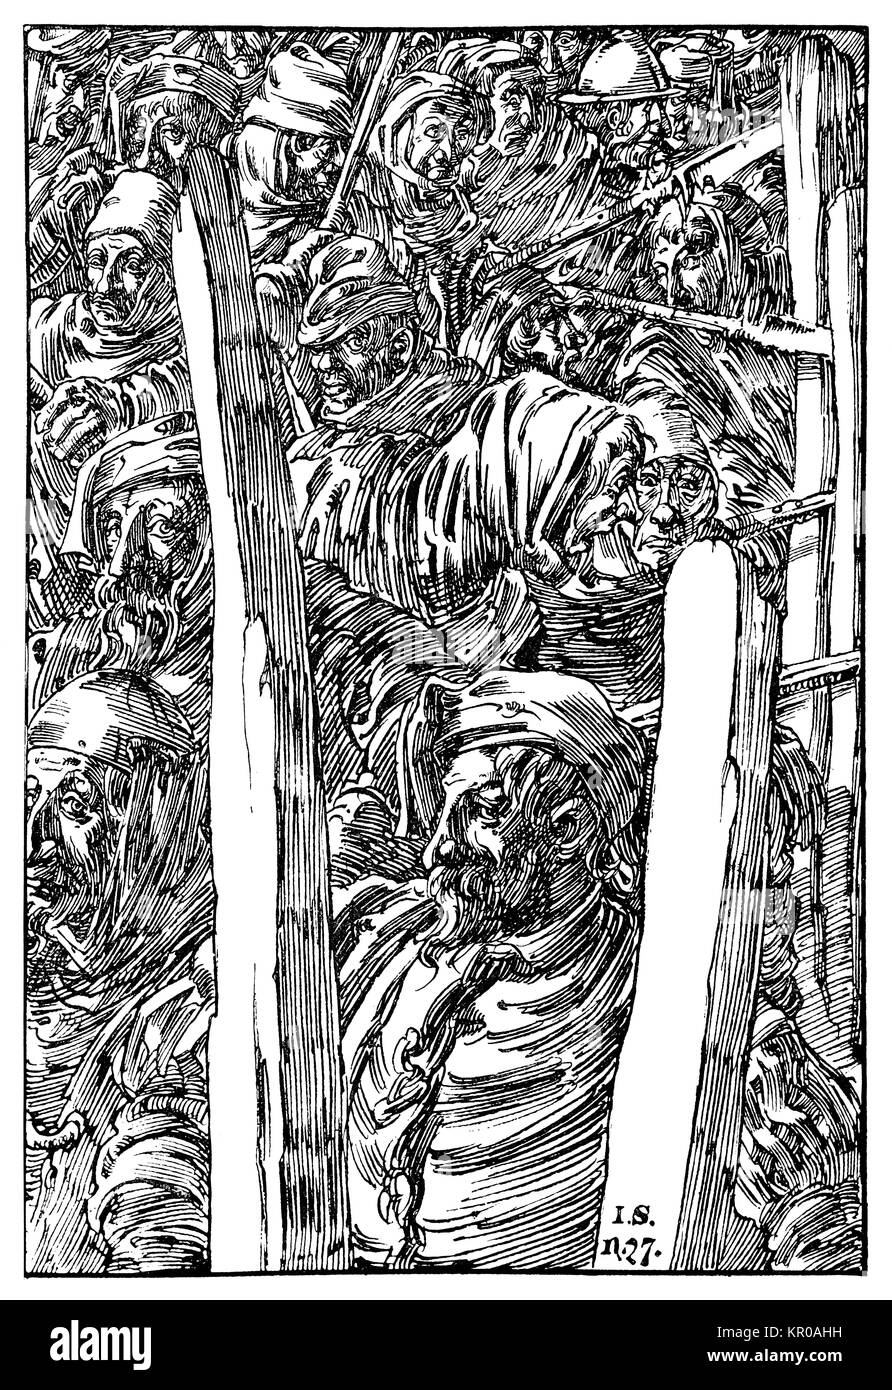 крестианская война в германии томас монсер